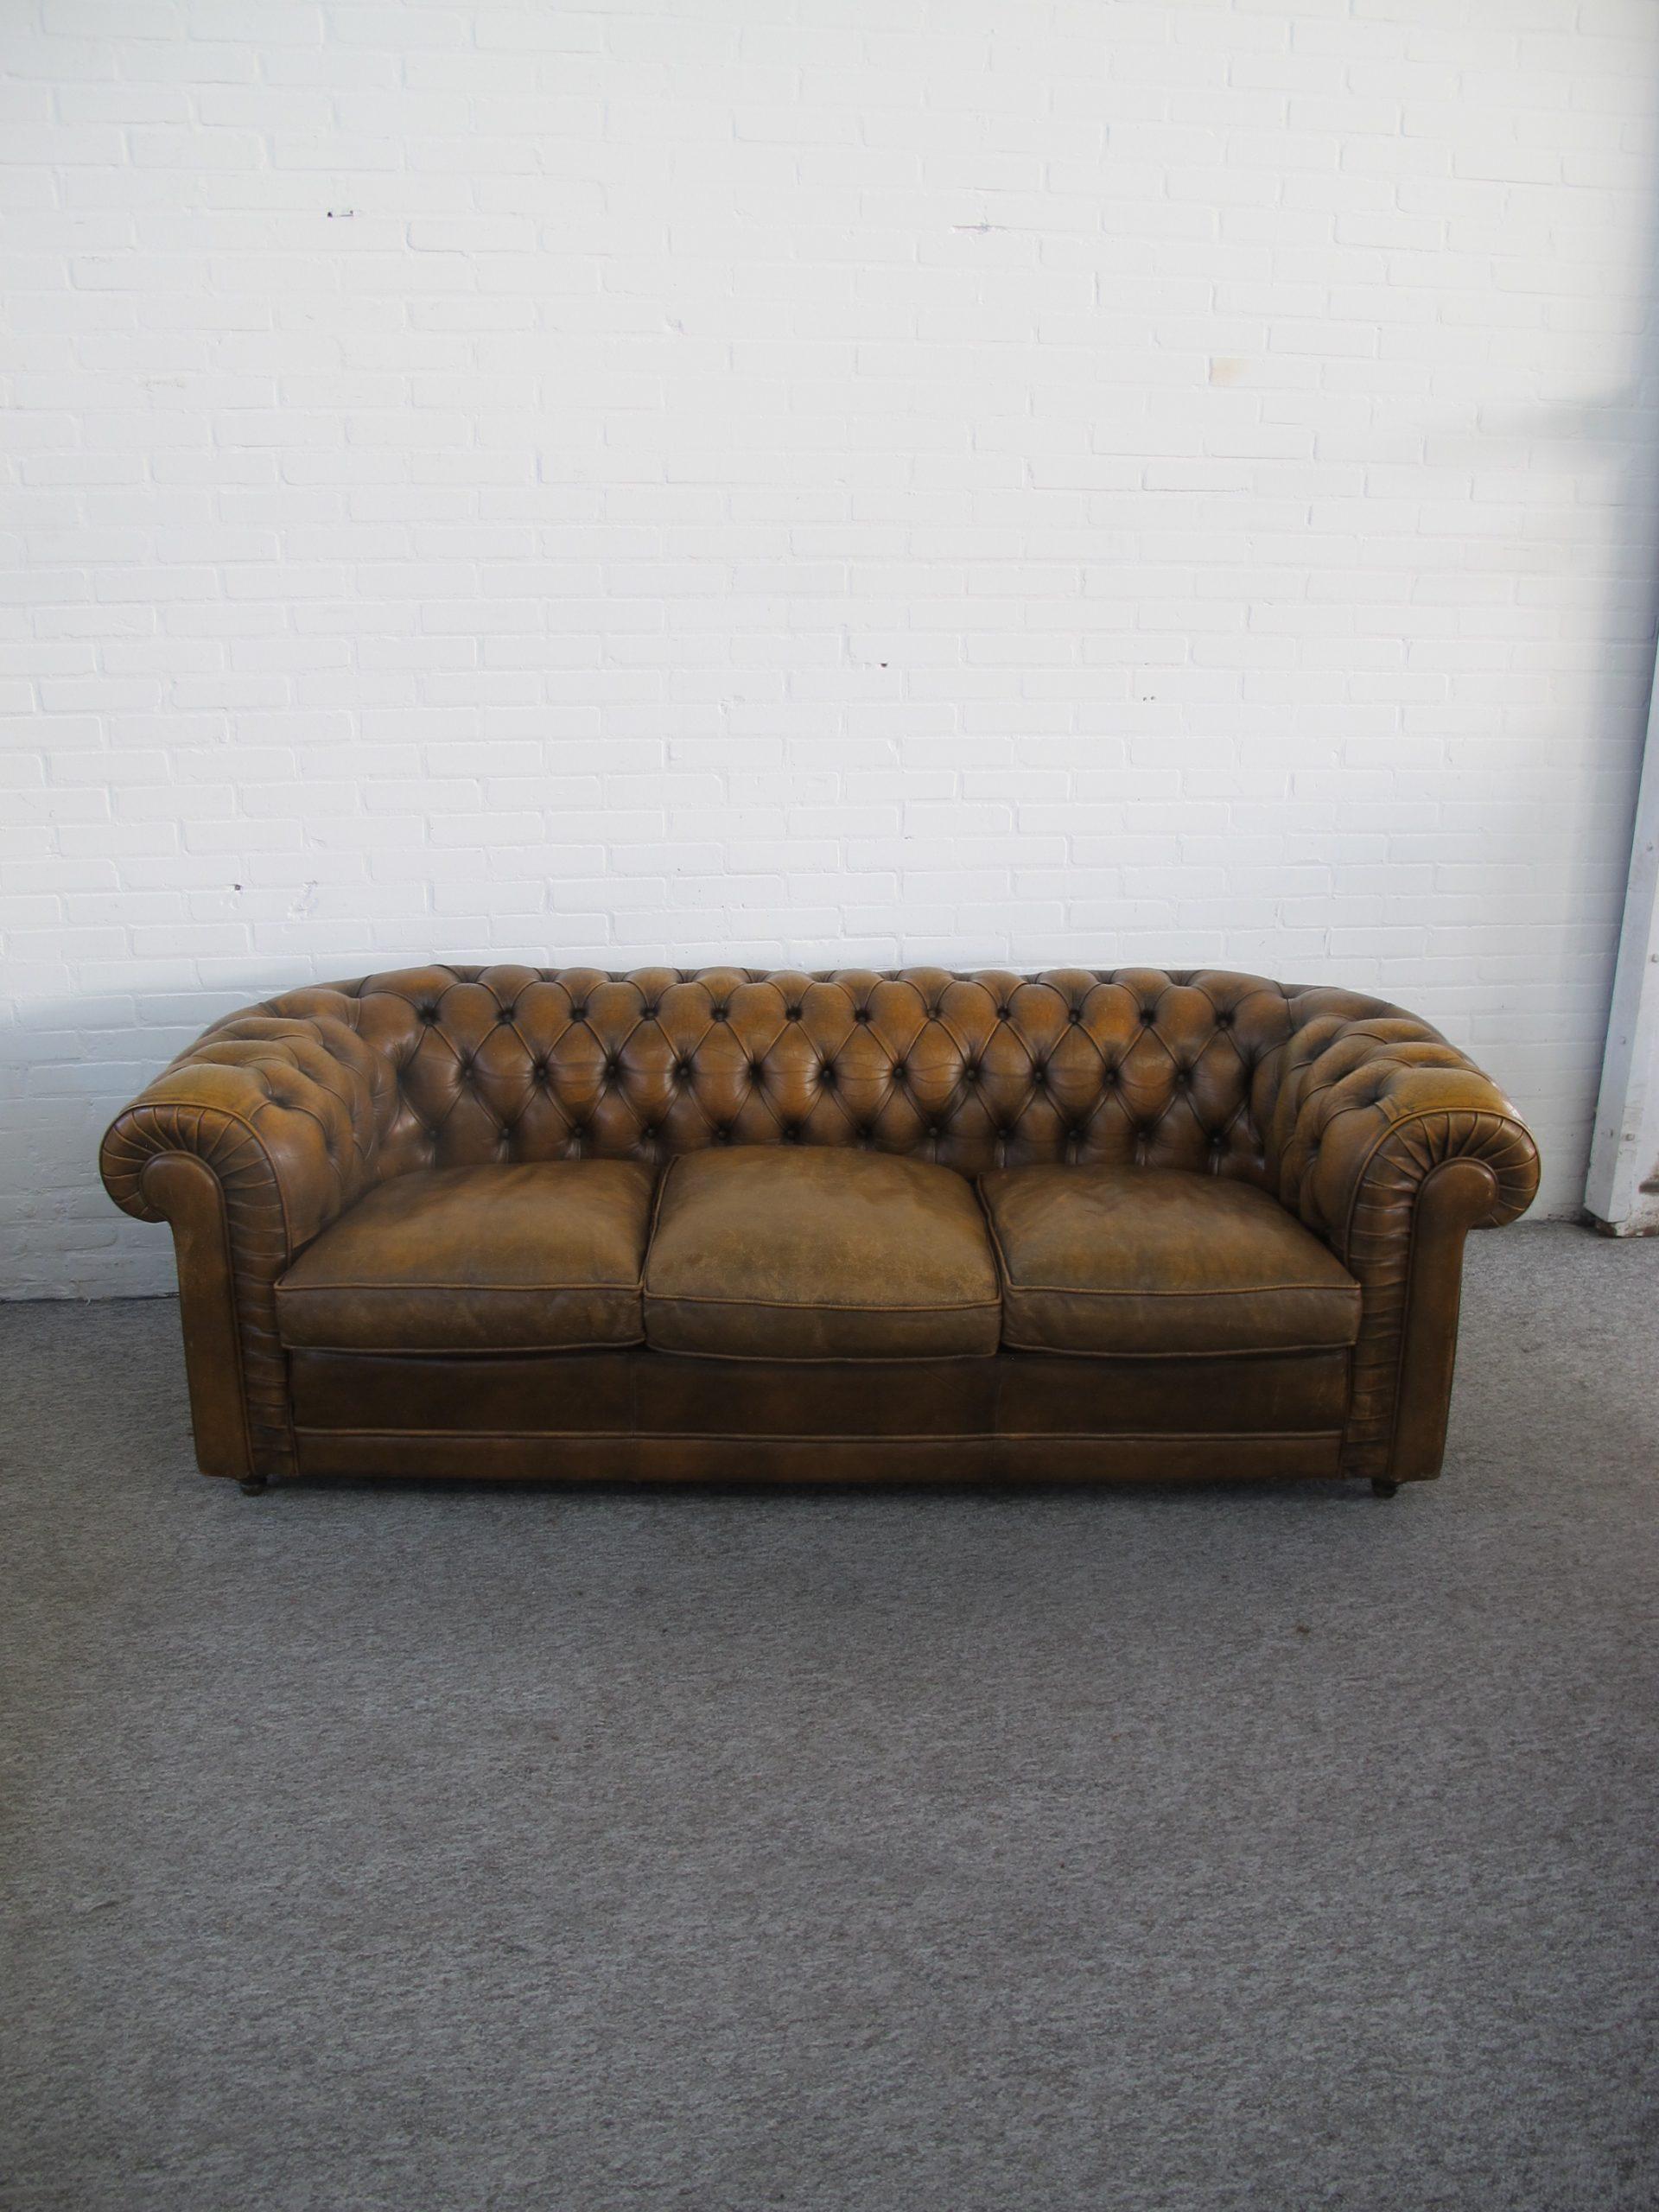 Bank sofa Engelse Springvale Pegasus Chesterfield vintage midcentury